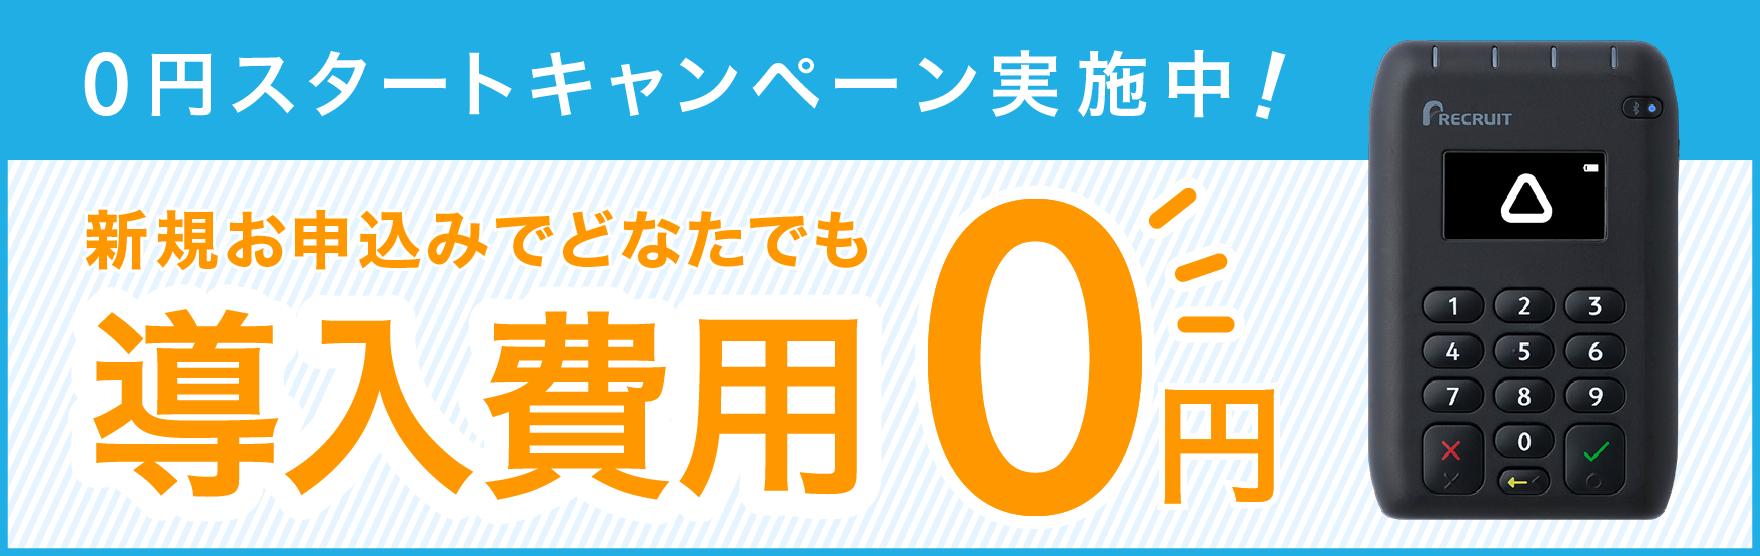 カードリーダー0円キャンペーン